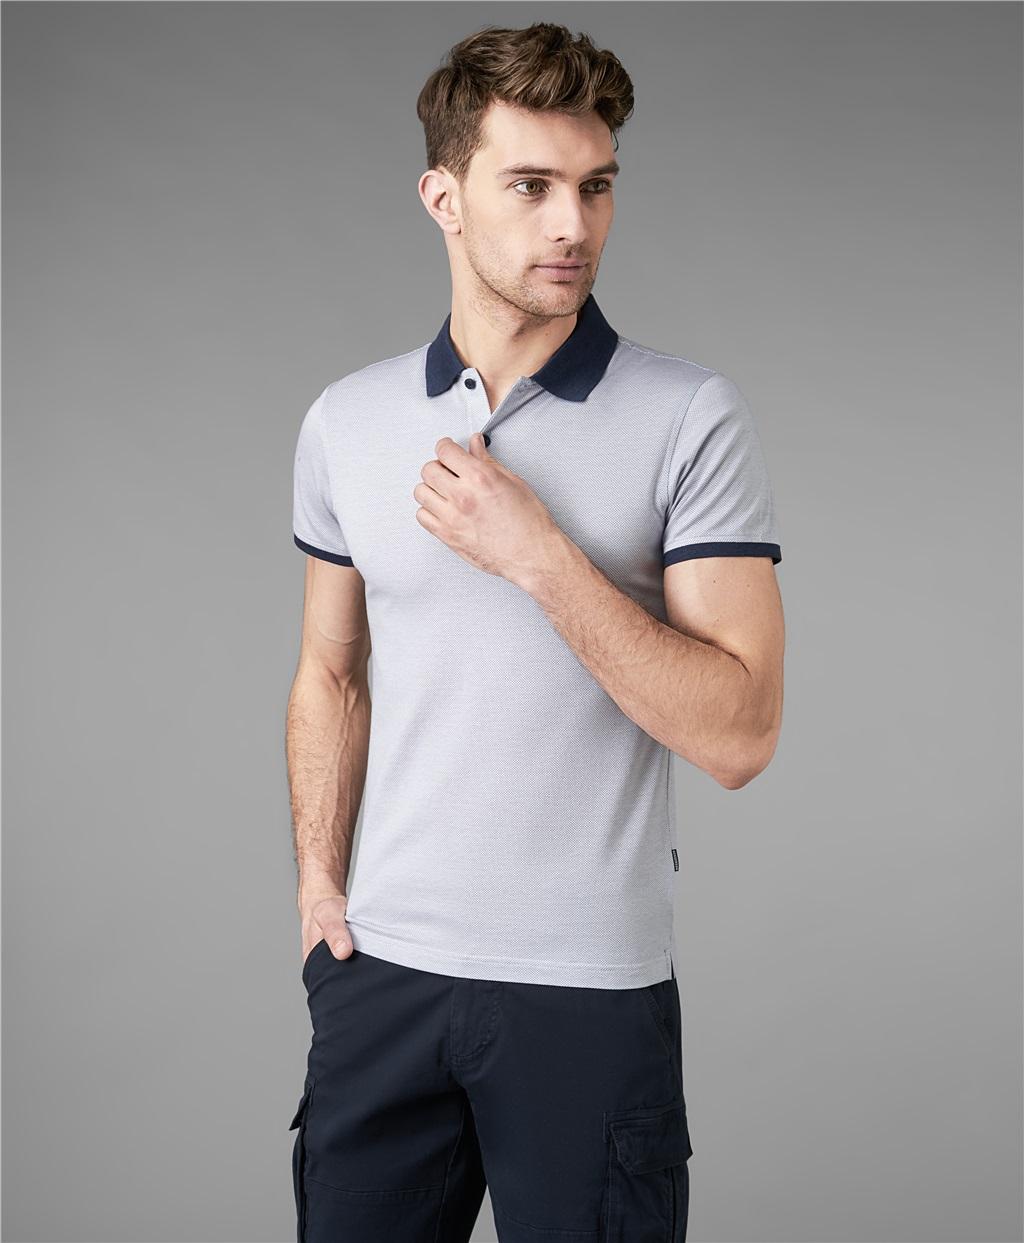 Рубашка мужская HENDERSON HPS-0276 голубая L фото